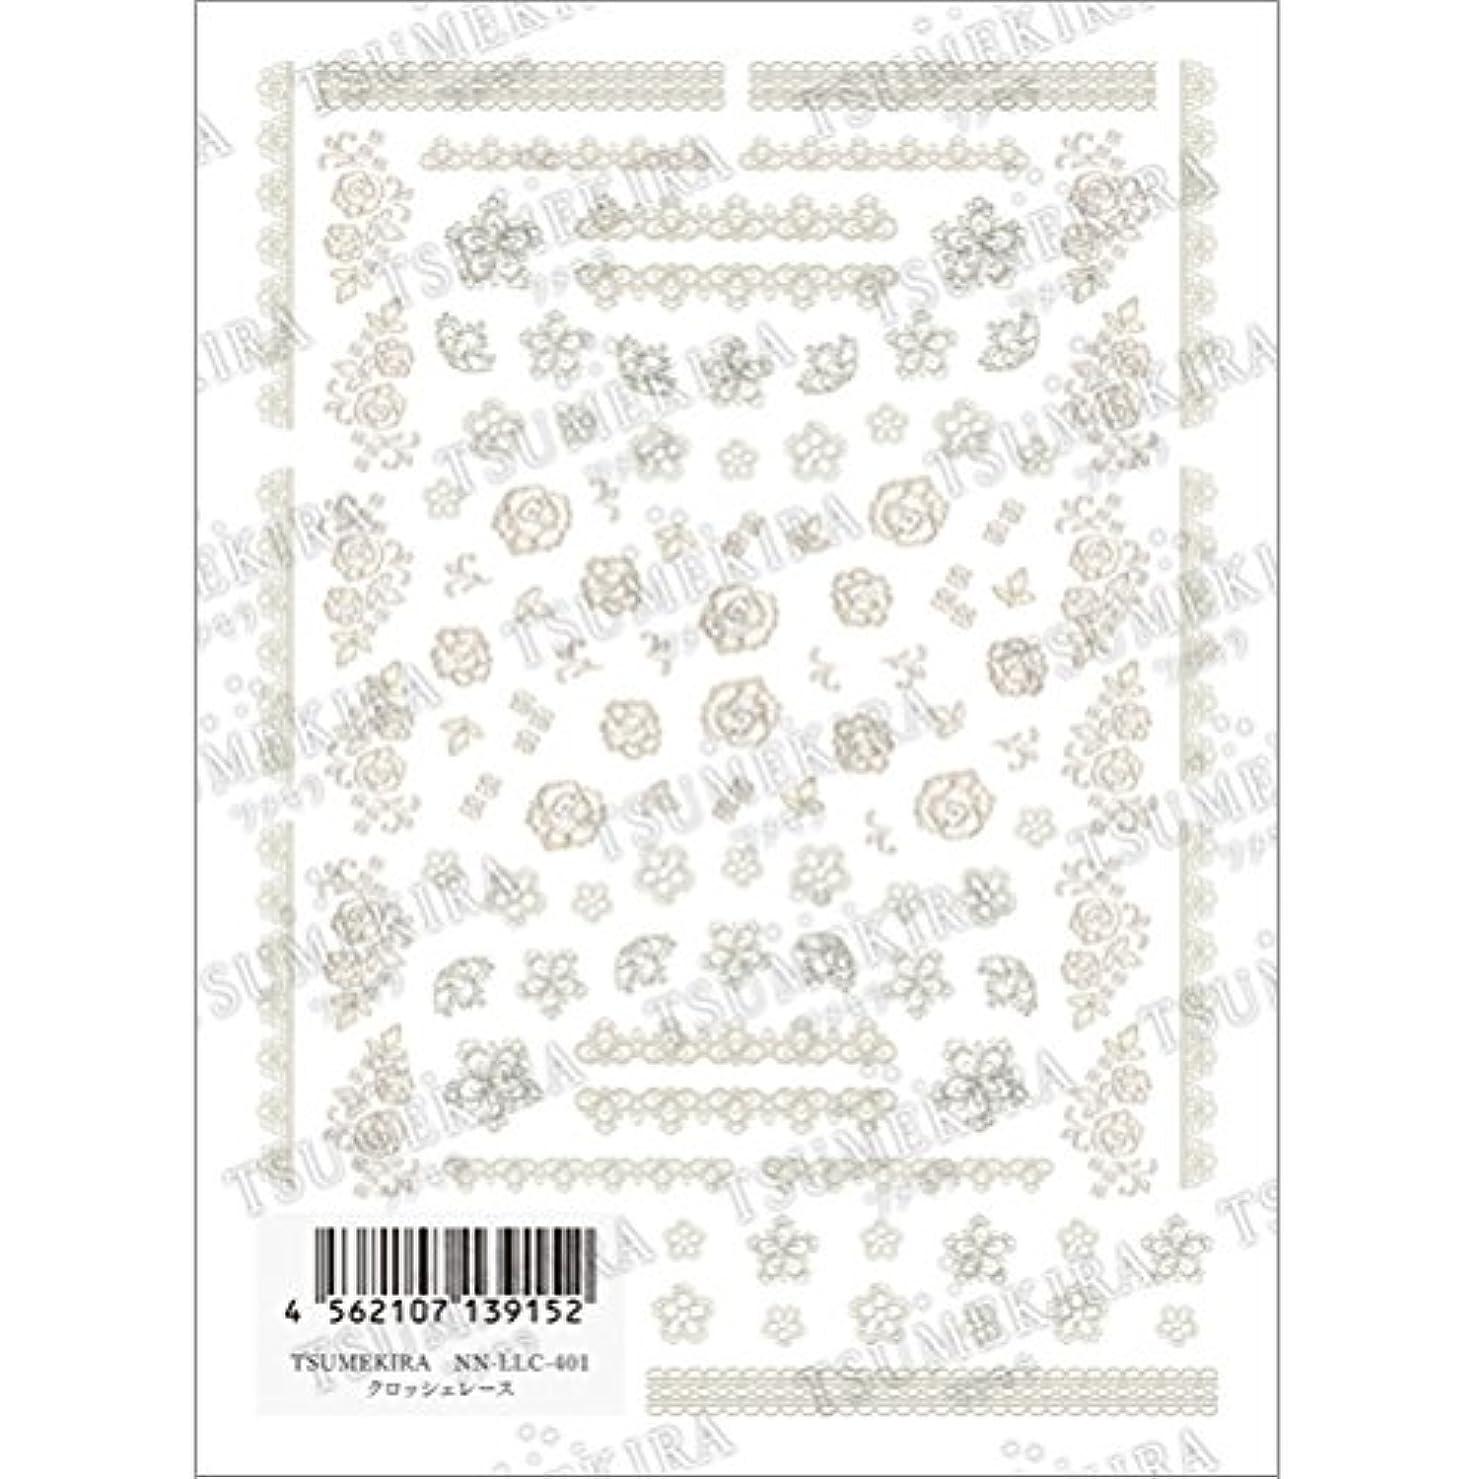 スプーン意味葬儀ツメキラ(TSUMEKIRA) ネイル用シール クロッシェレース NN-LLC-401